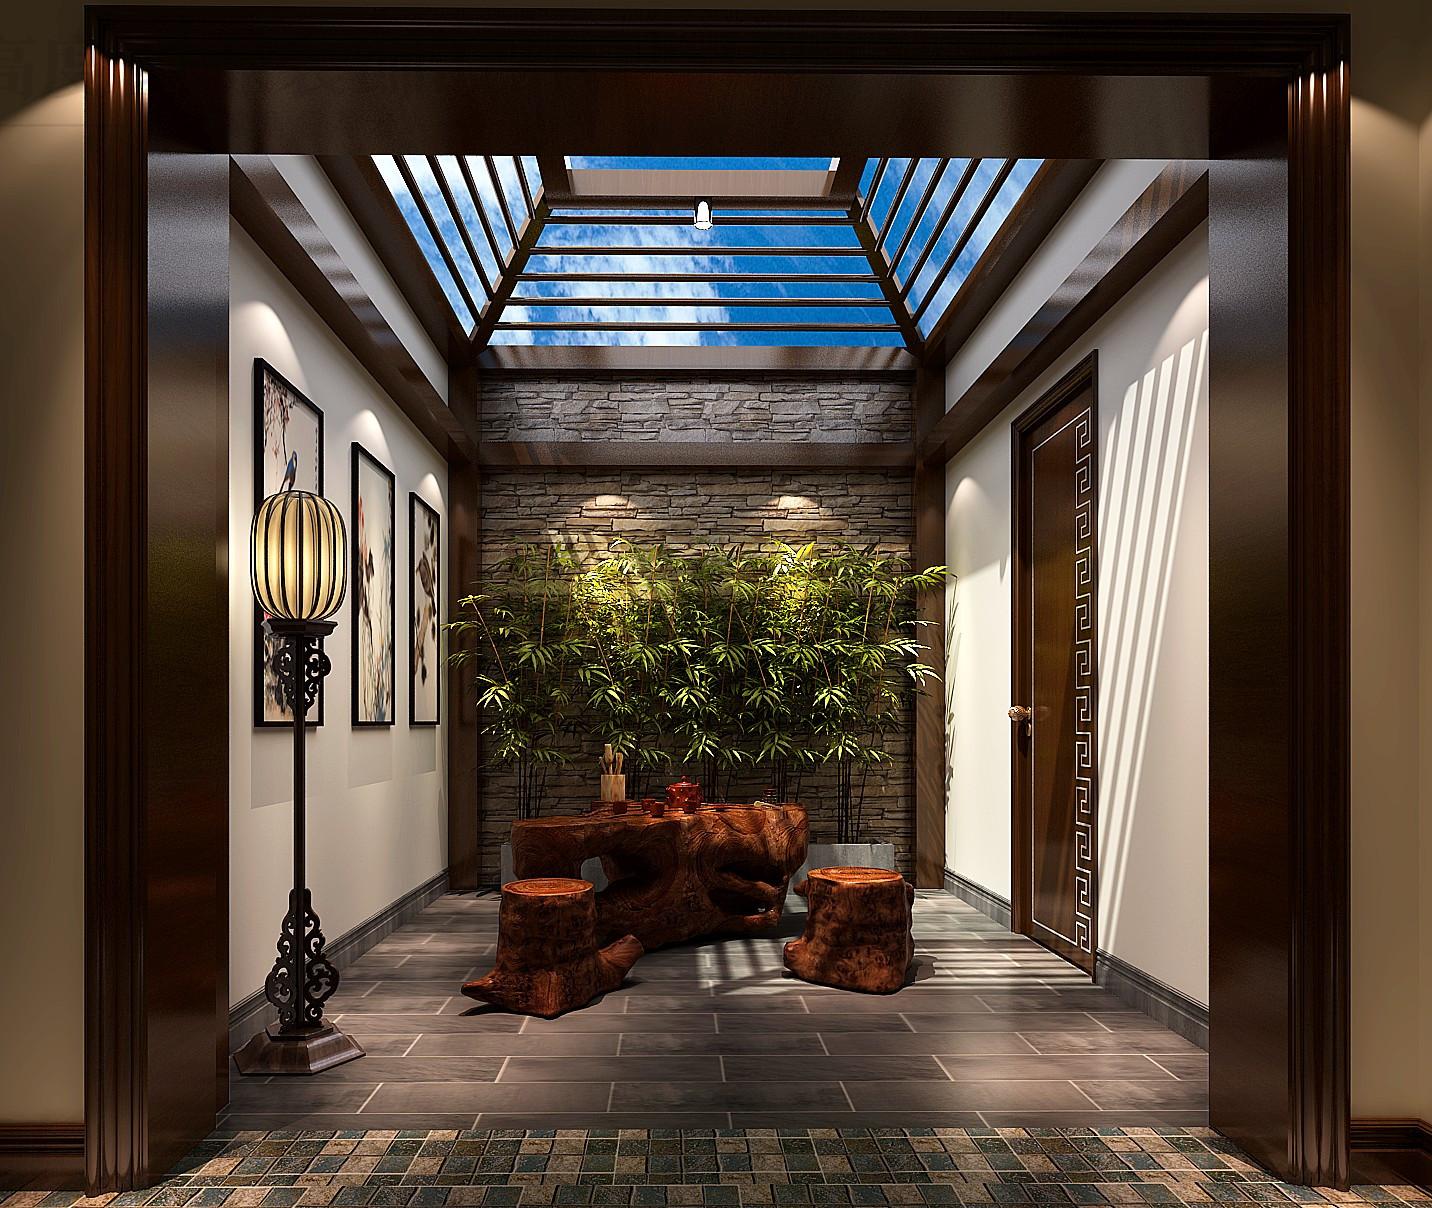 混搭 别墅 简约 80后 小资 其他图片来自高度国际别墅装饰设计在丹麦小镇混搭风格别墅设计的分享